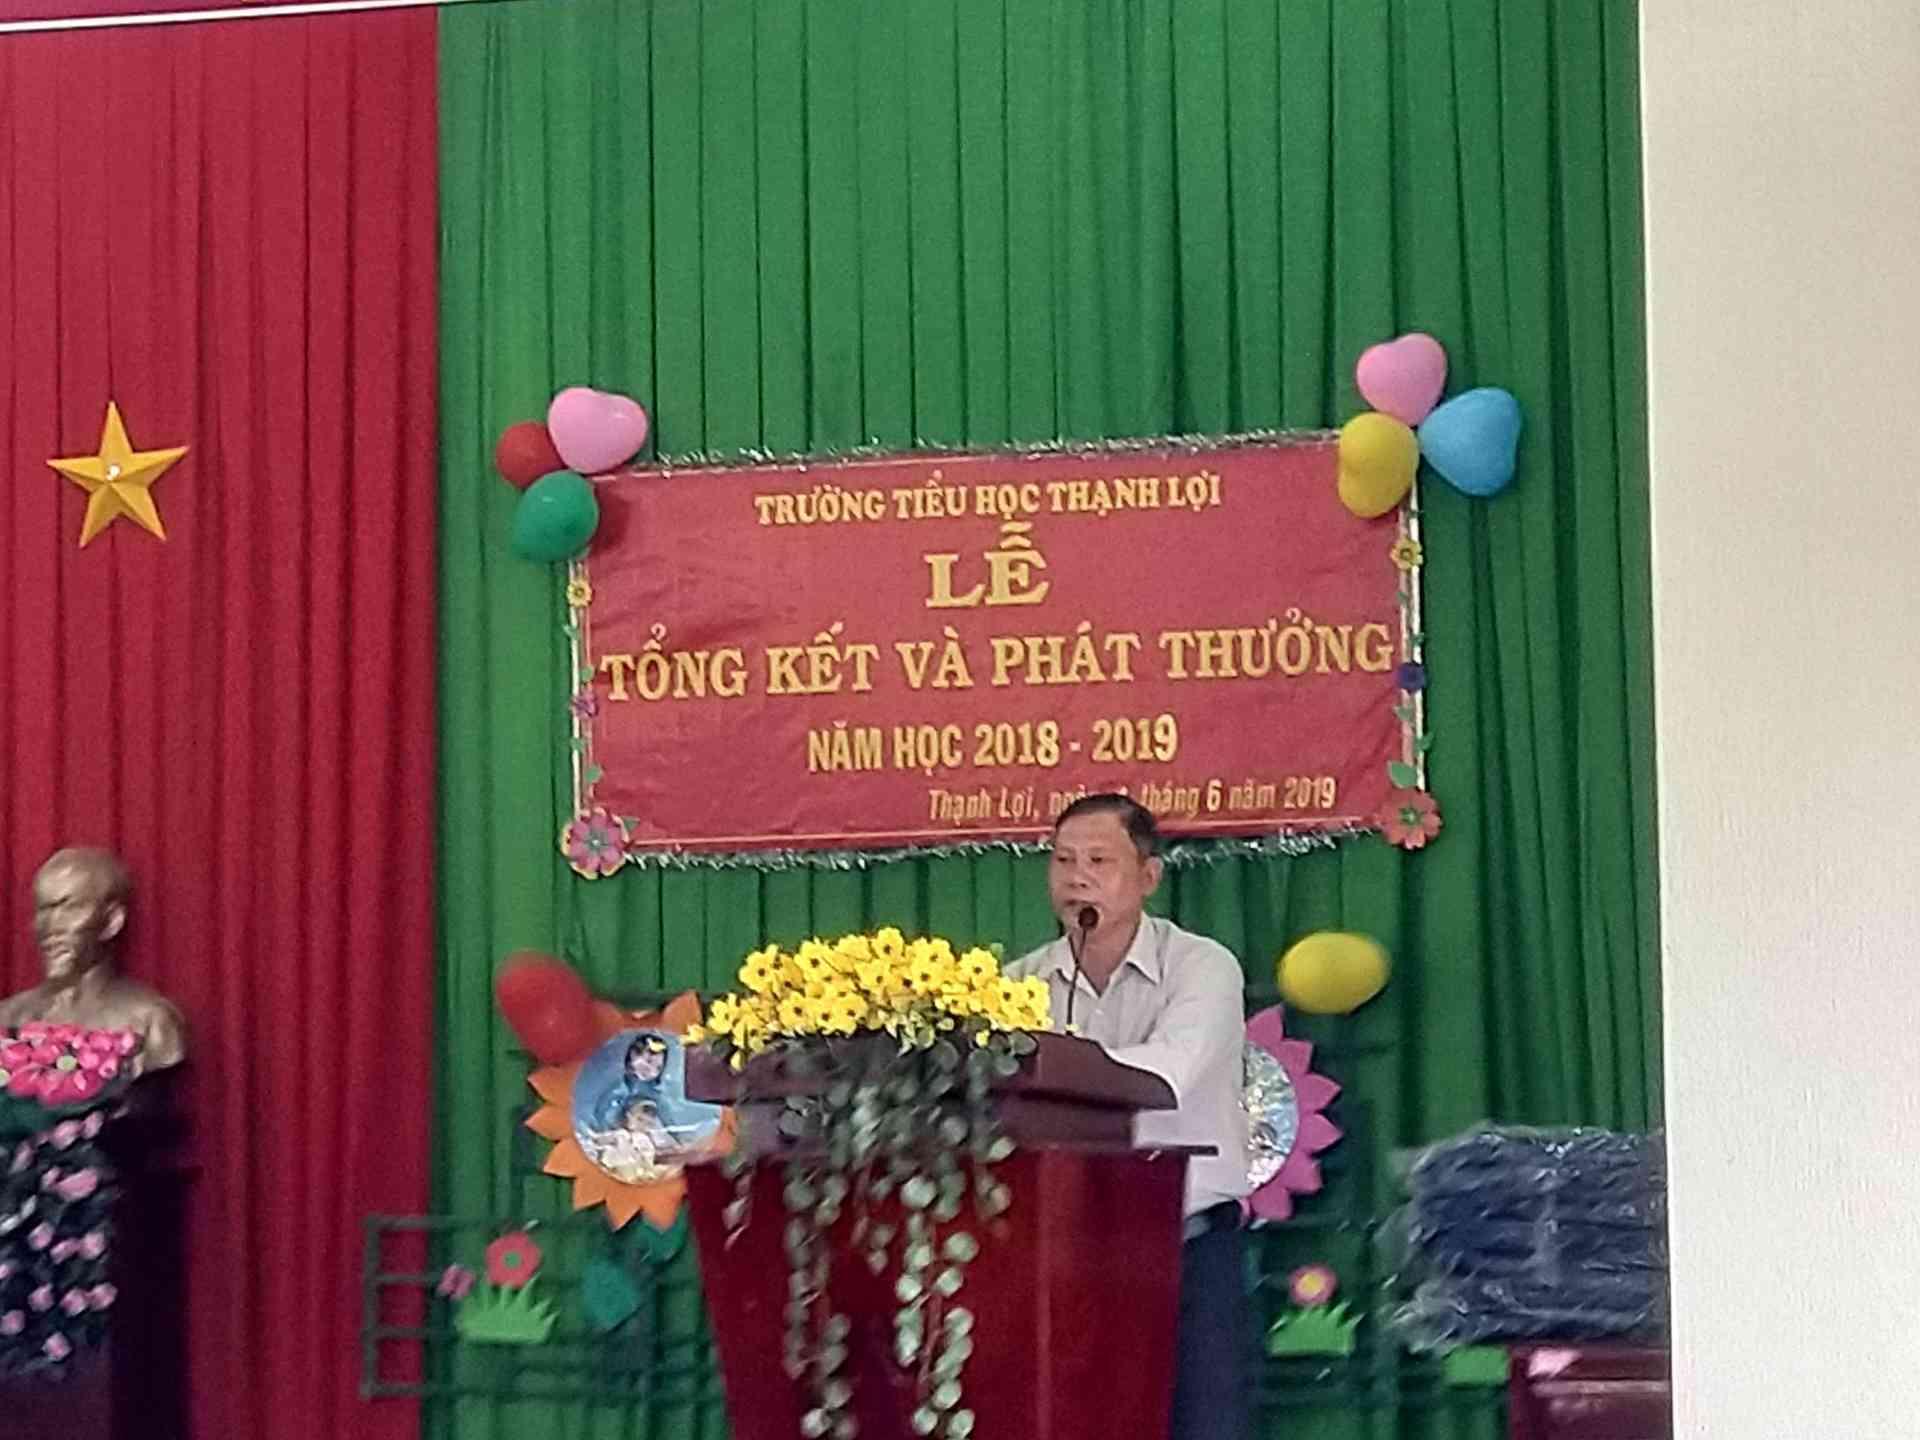 Ông Trần Văn Cưng Phó chủa tịch Hội đồng nhân dân xã Thạnh Lợi phát biểu trong buổi lễ